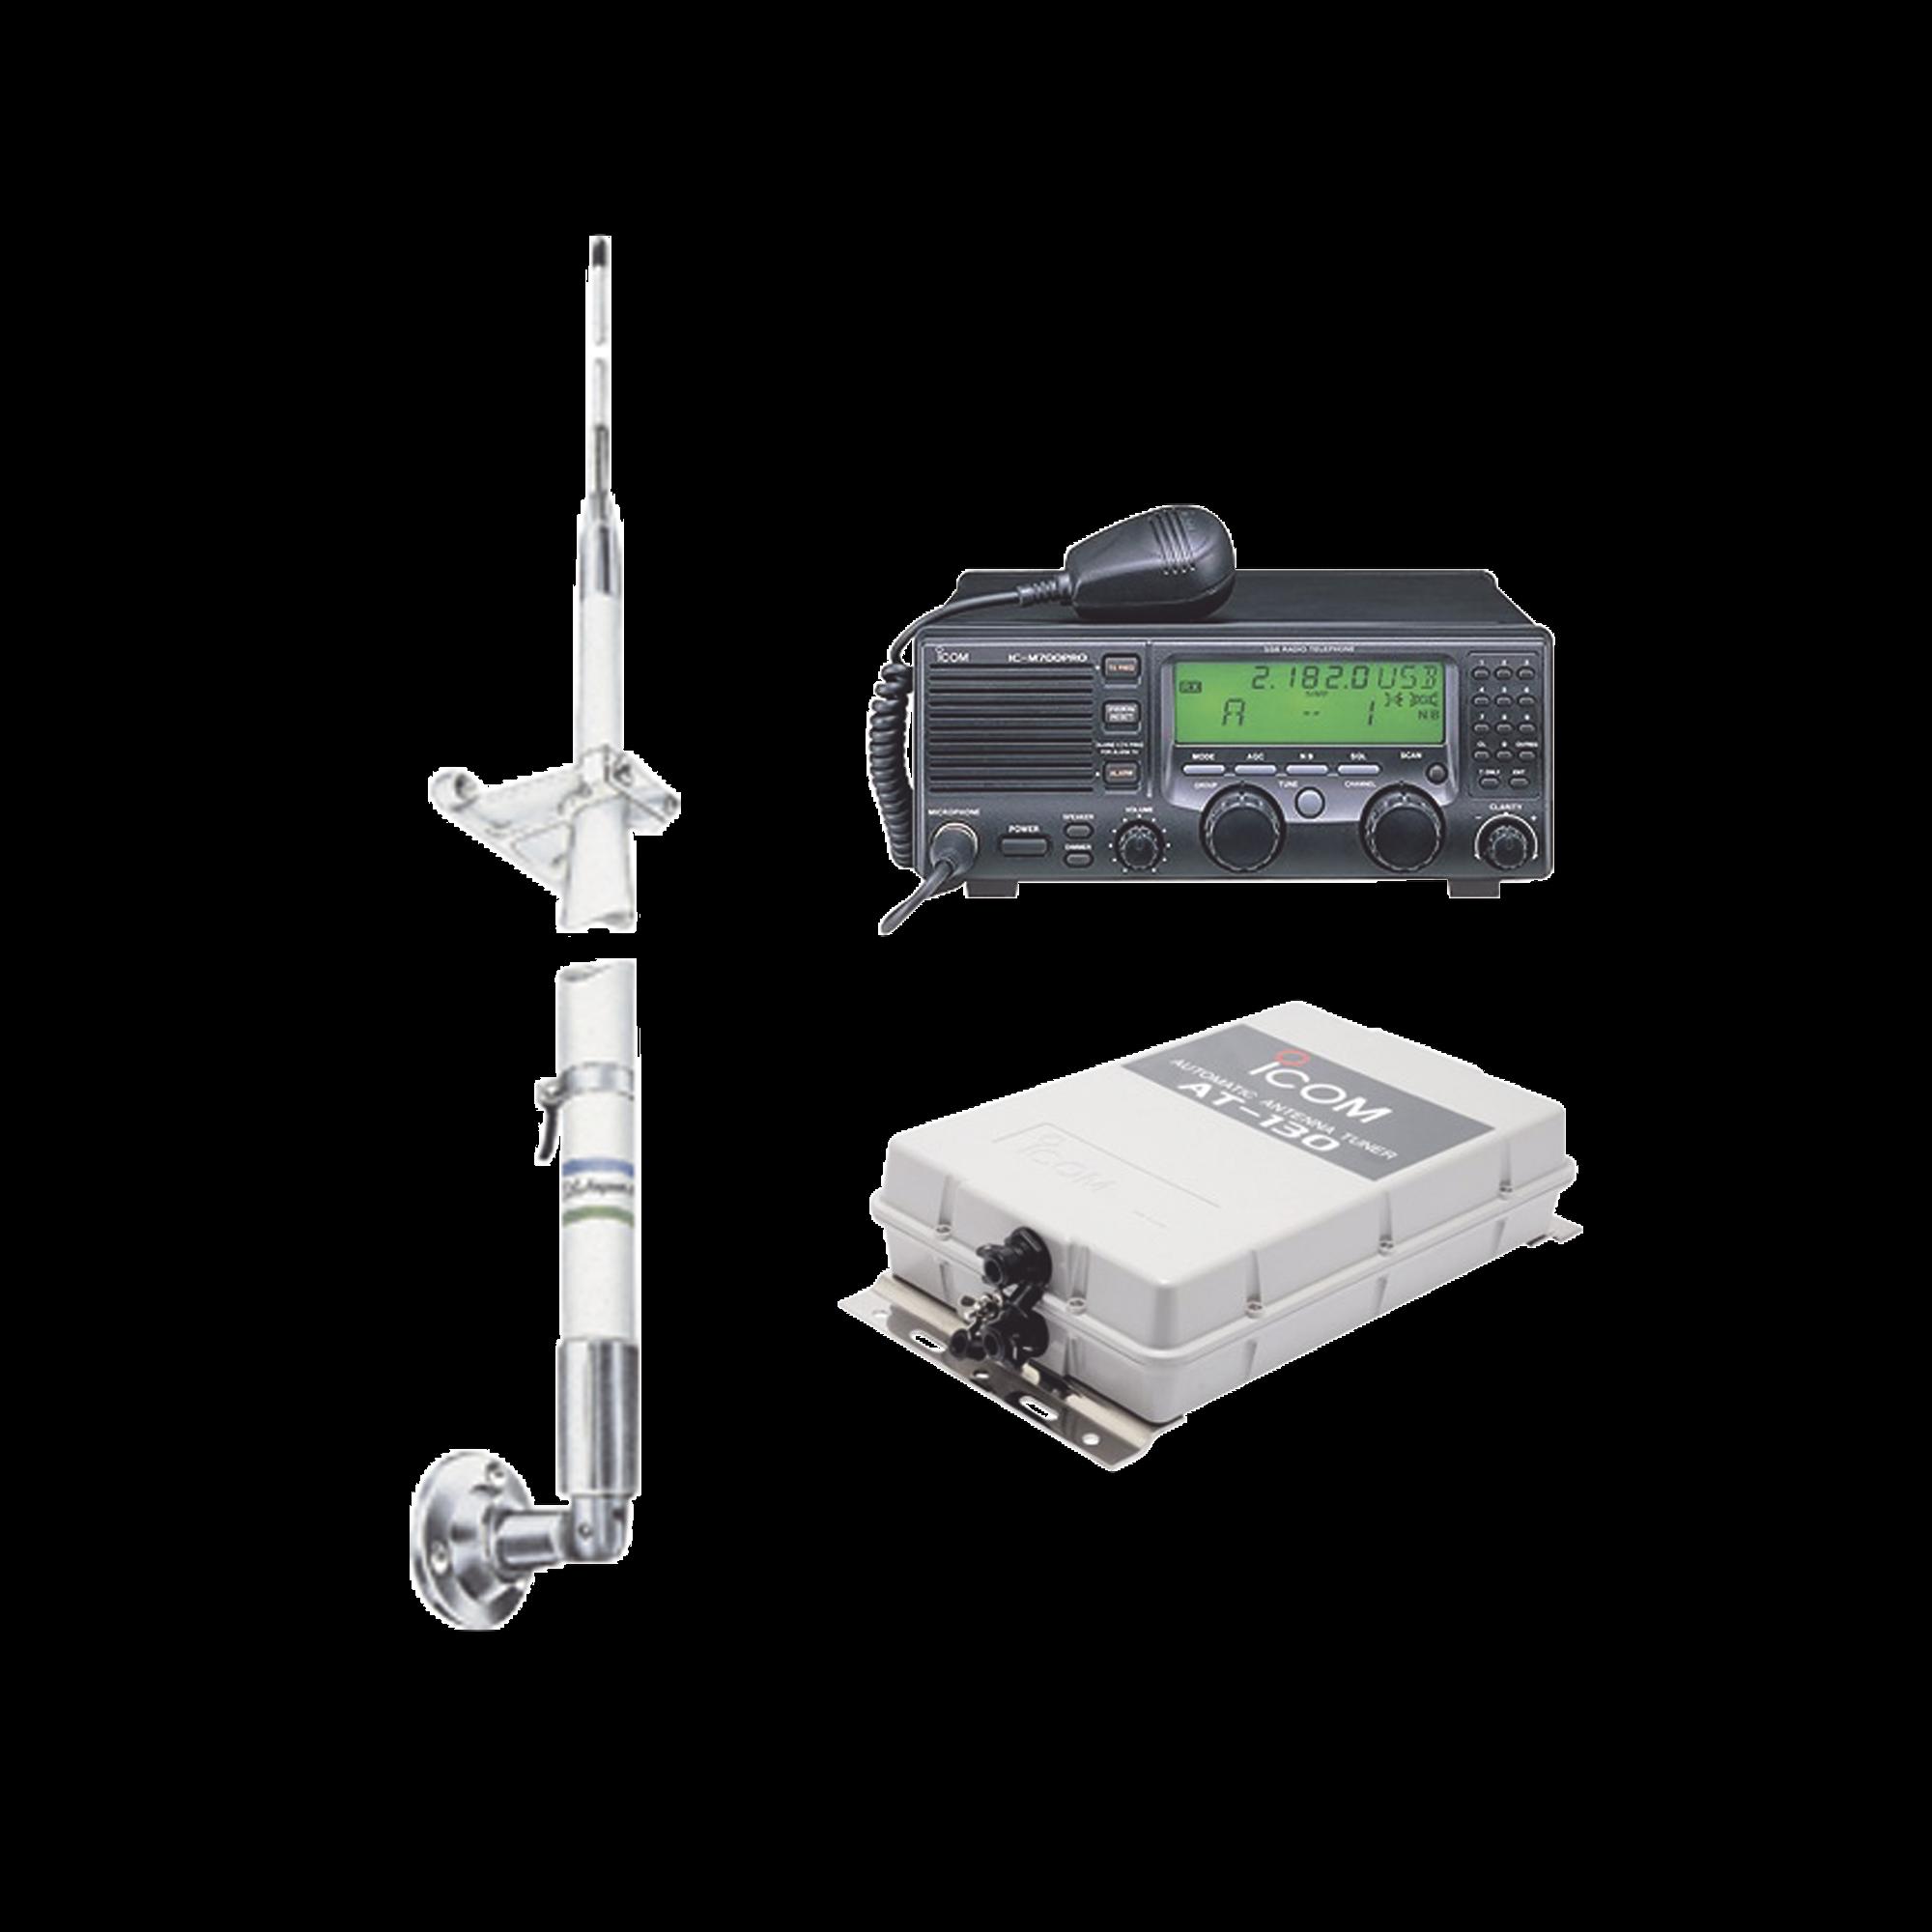 Kit de radio IC-M700pro con sintonizador de antena AT-130 y antena HF Shakespeare 390